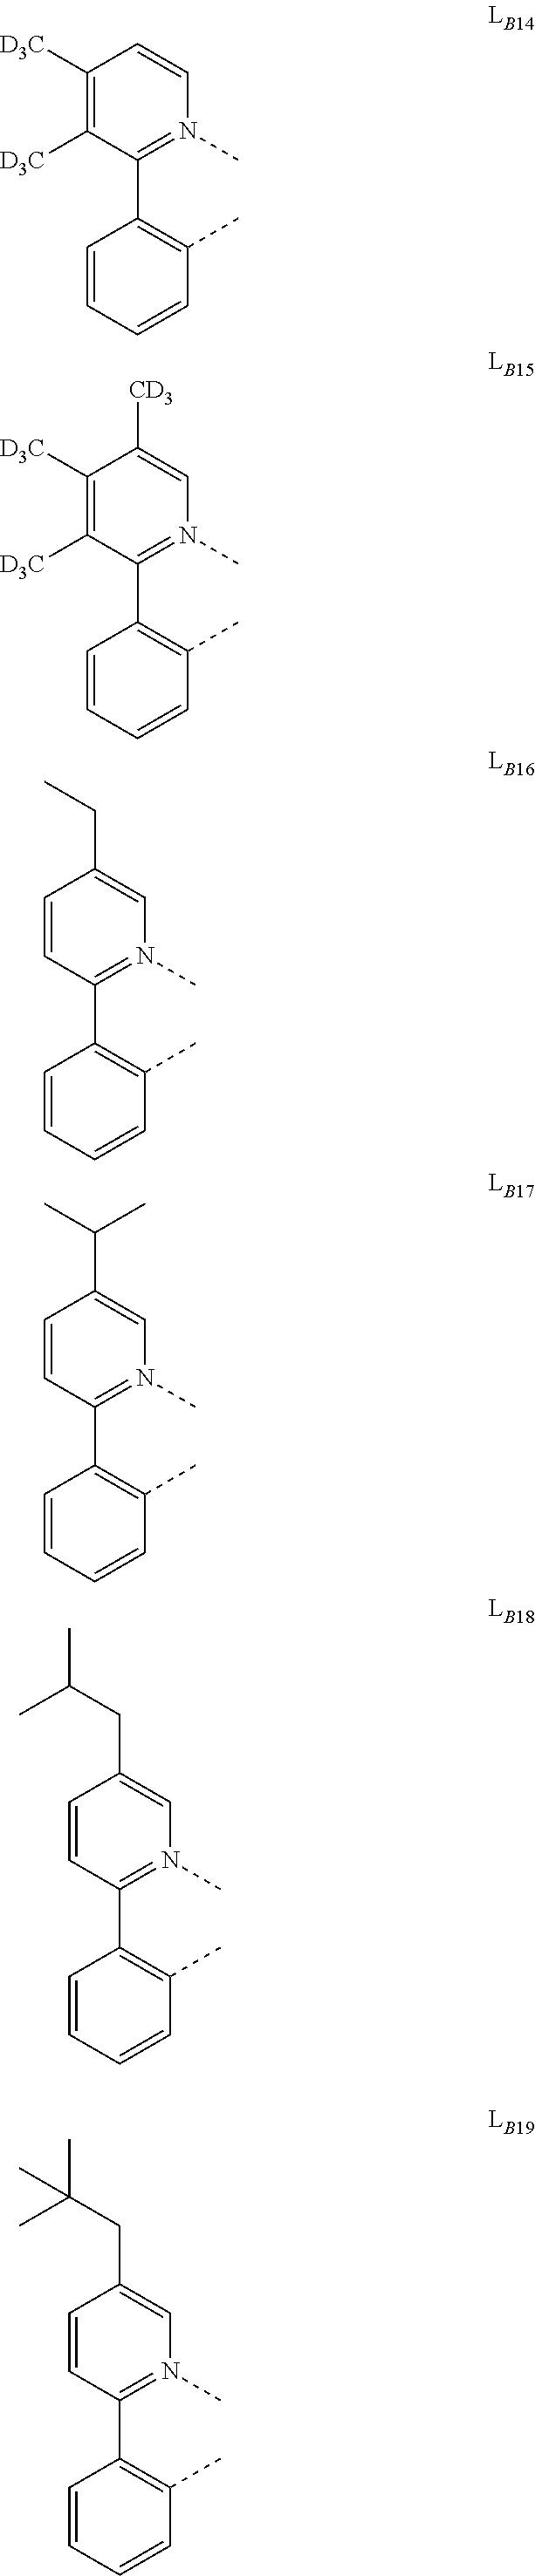 Figure US20180130962A1-20180510-C00069